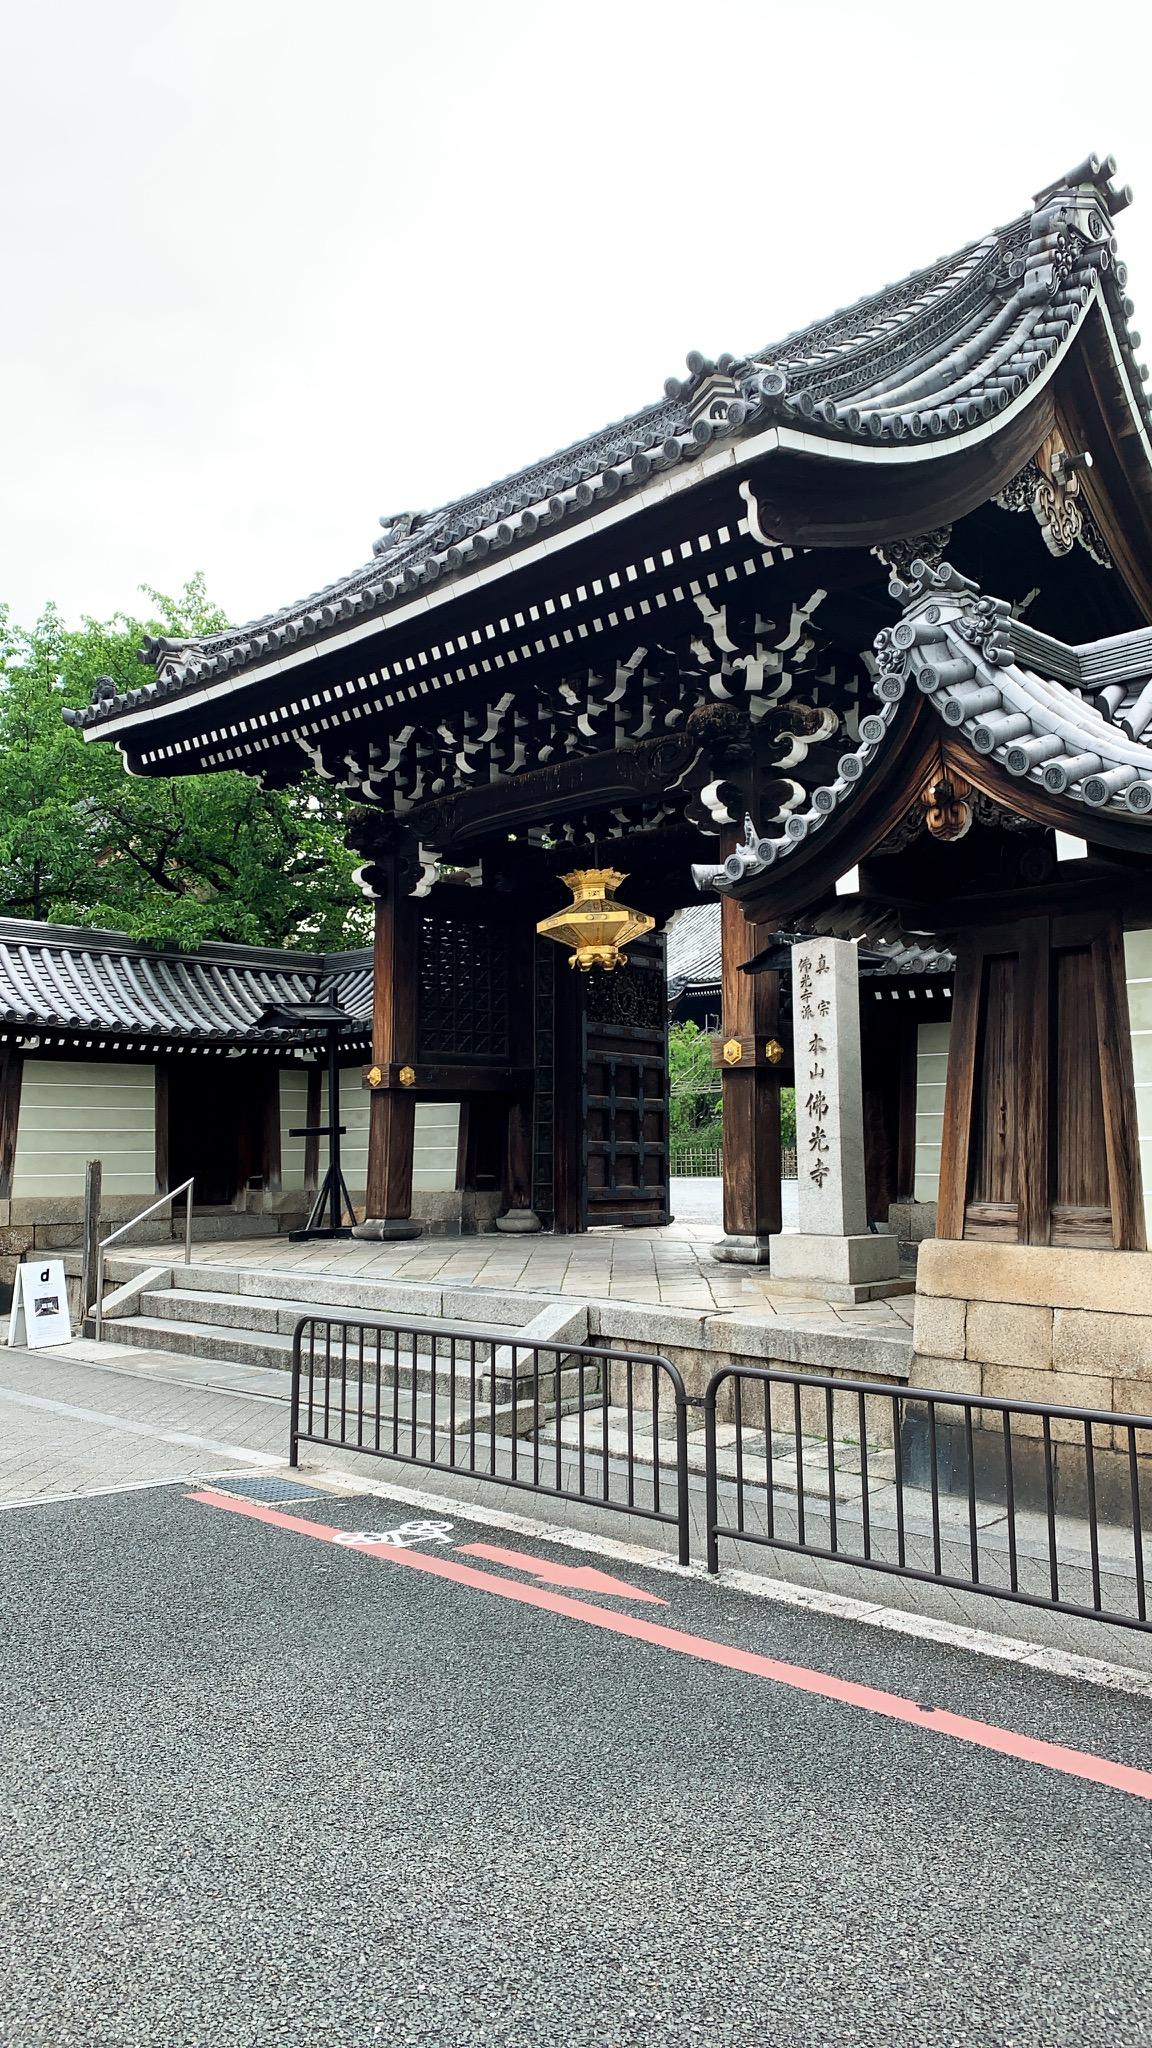 http://watanabe-mi.jp/blog/579159819.954829.JPG